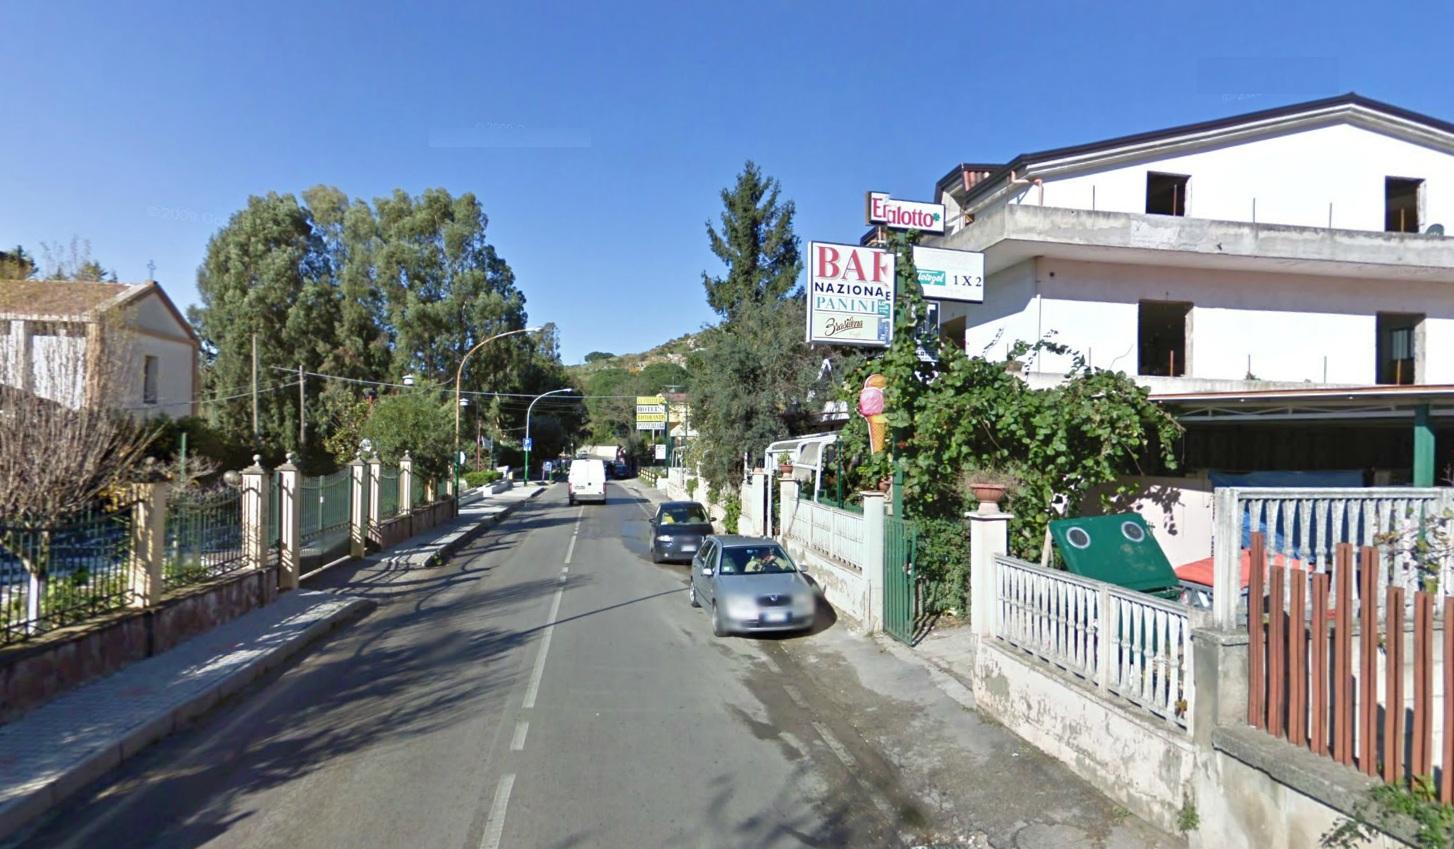 Triflisco ladri in azione ripulita la casa di due commercianti bottino soldi in contanti - Soldi contanti a casa ...